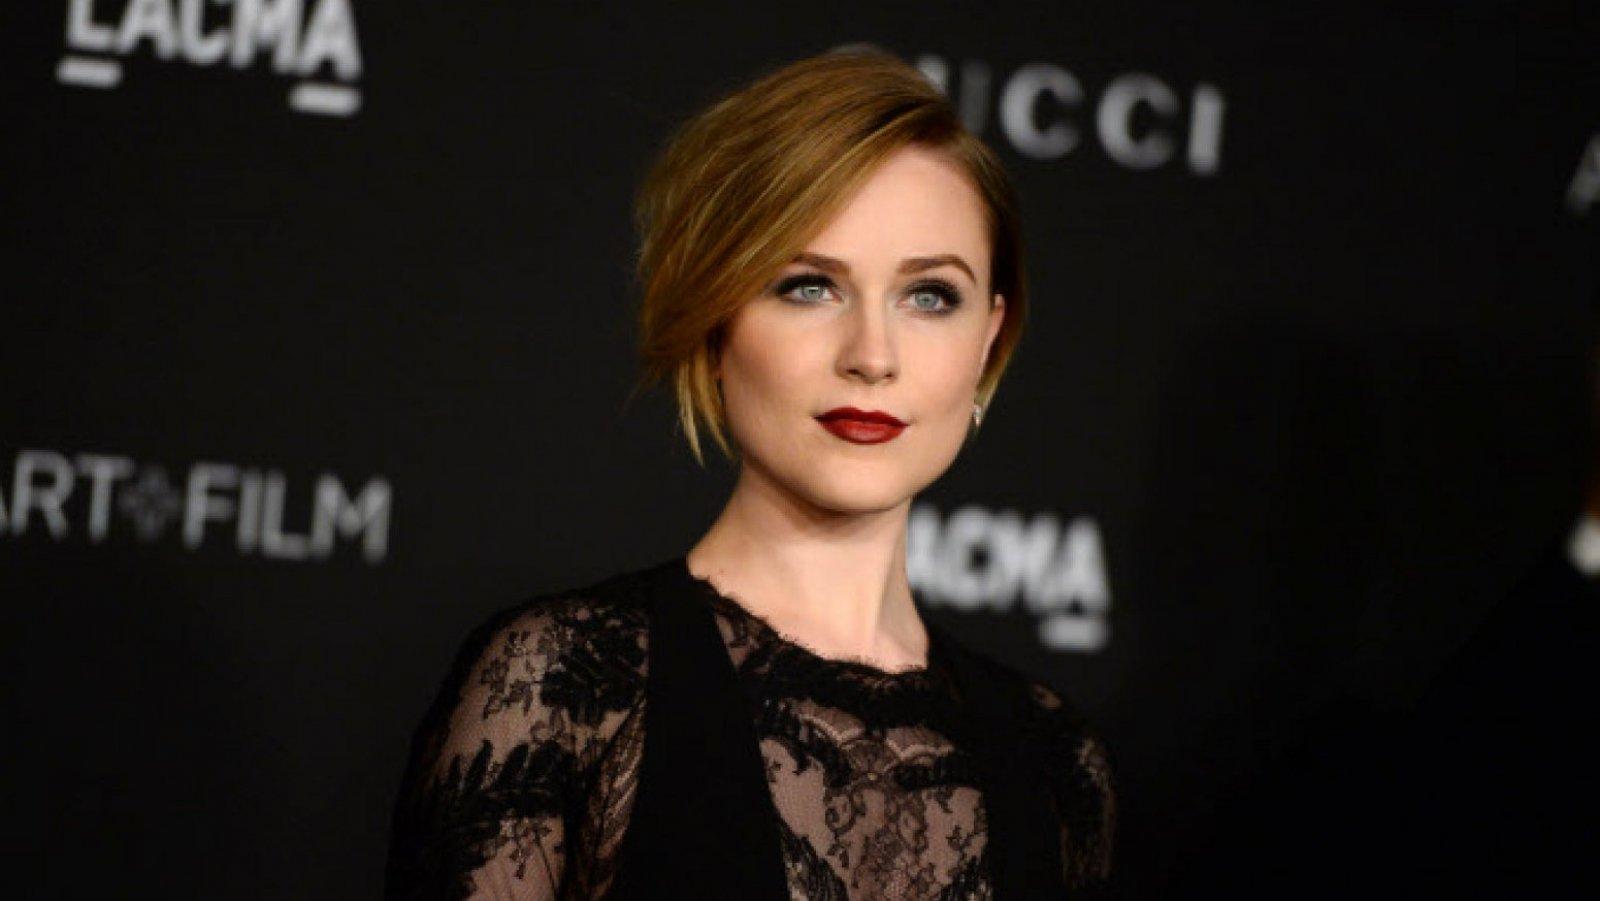 La guapa actriz siempre se ha mostrado abierta con su sexualidad.